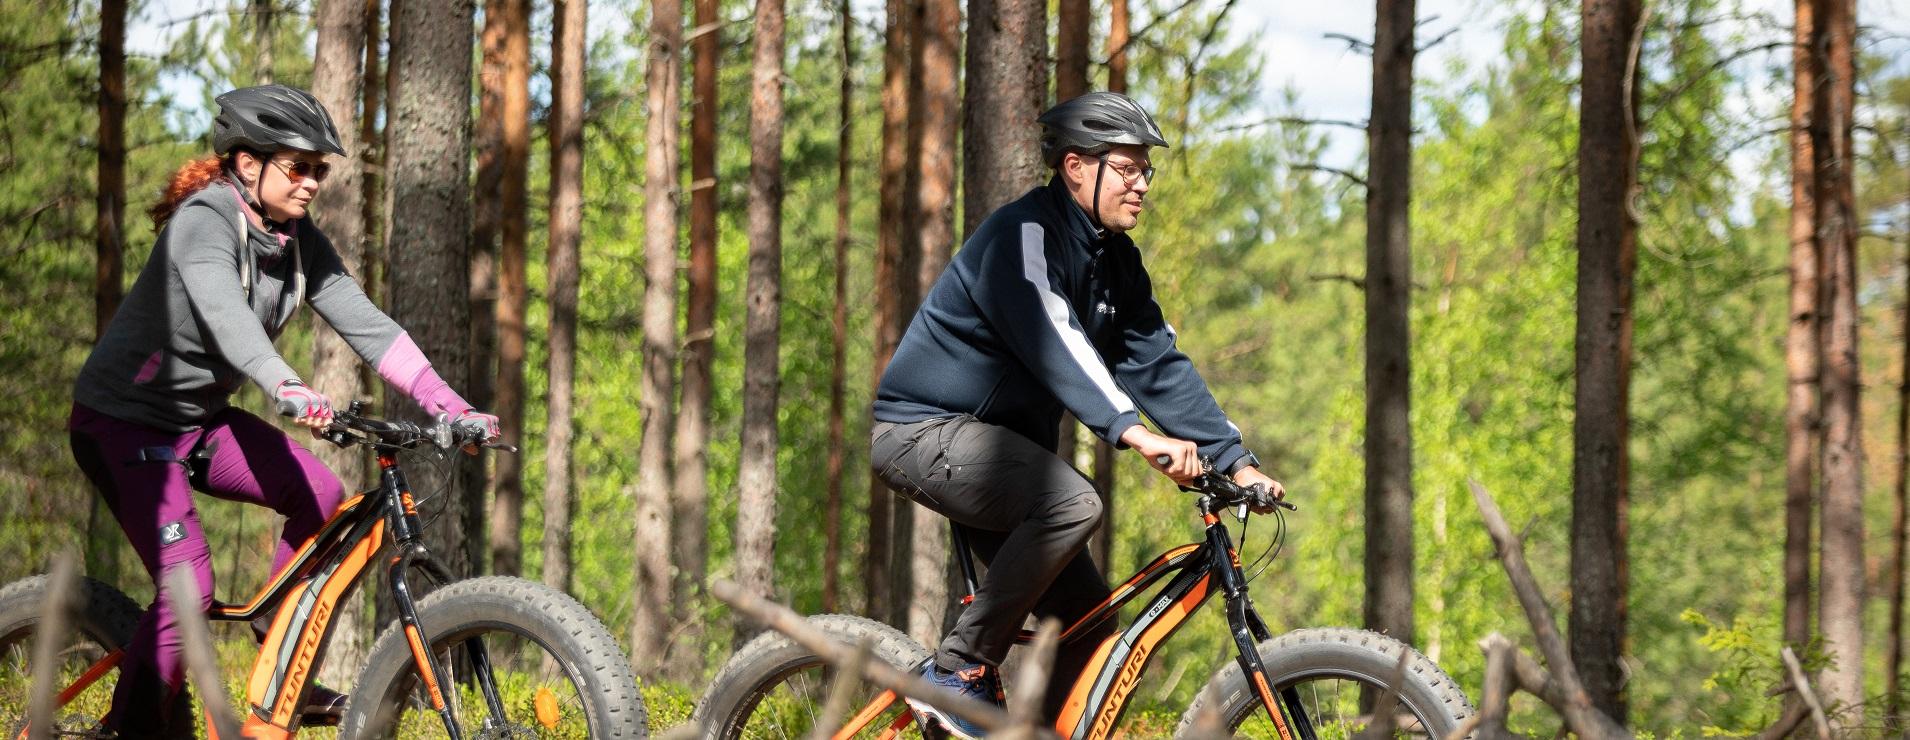 fatbike pyöräilyä